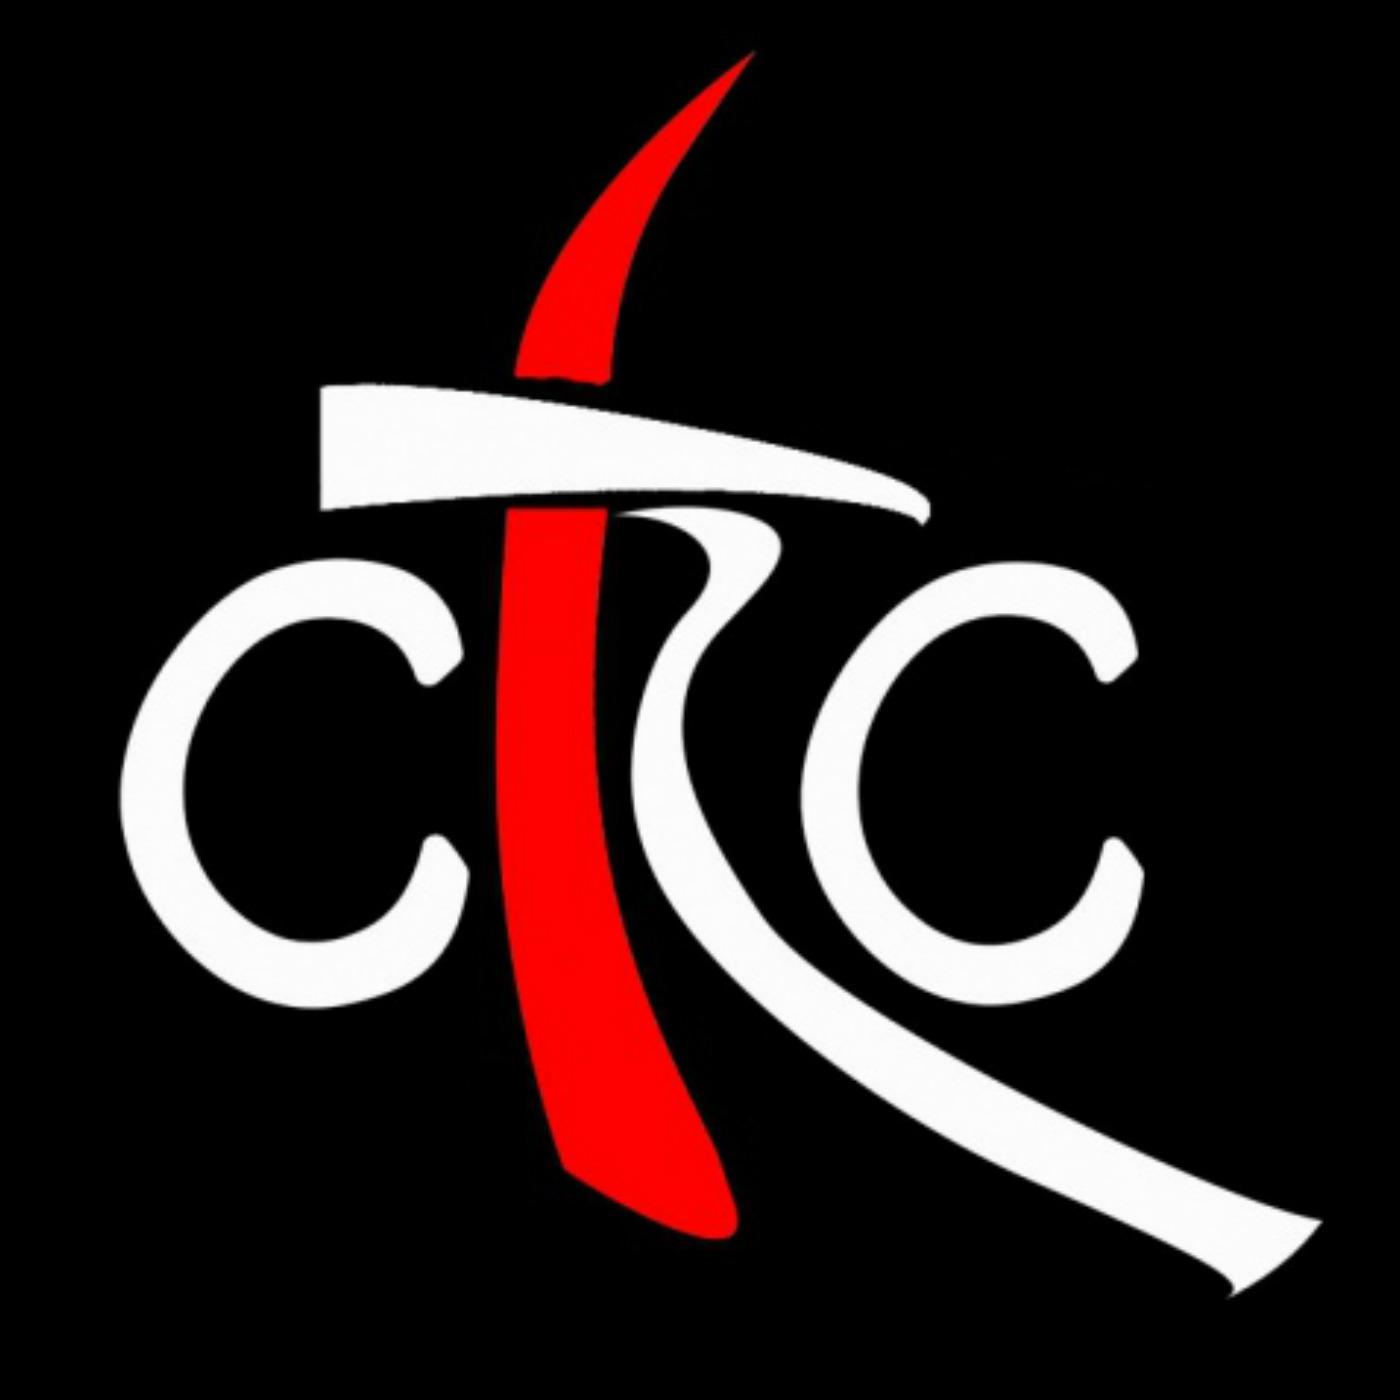 CRC Belton